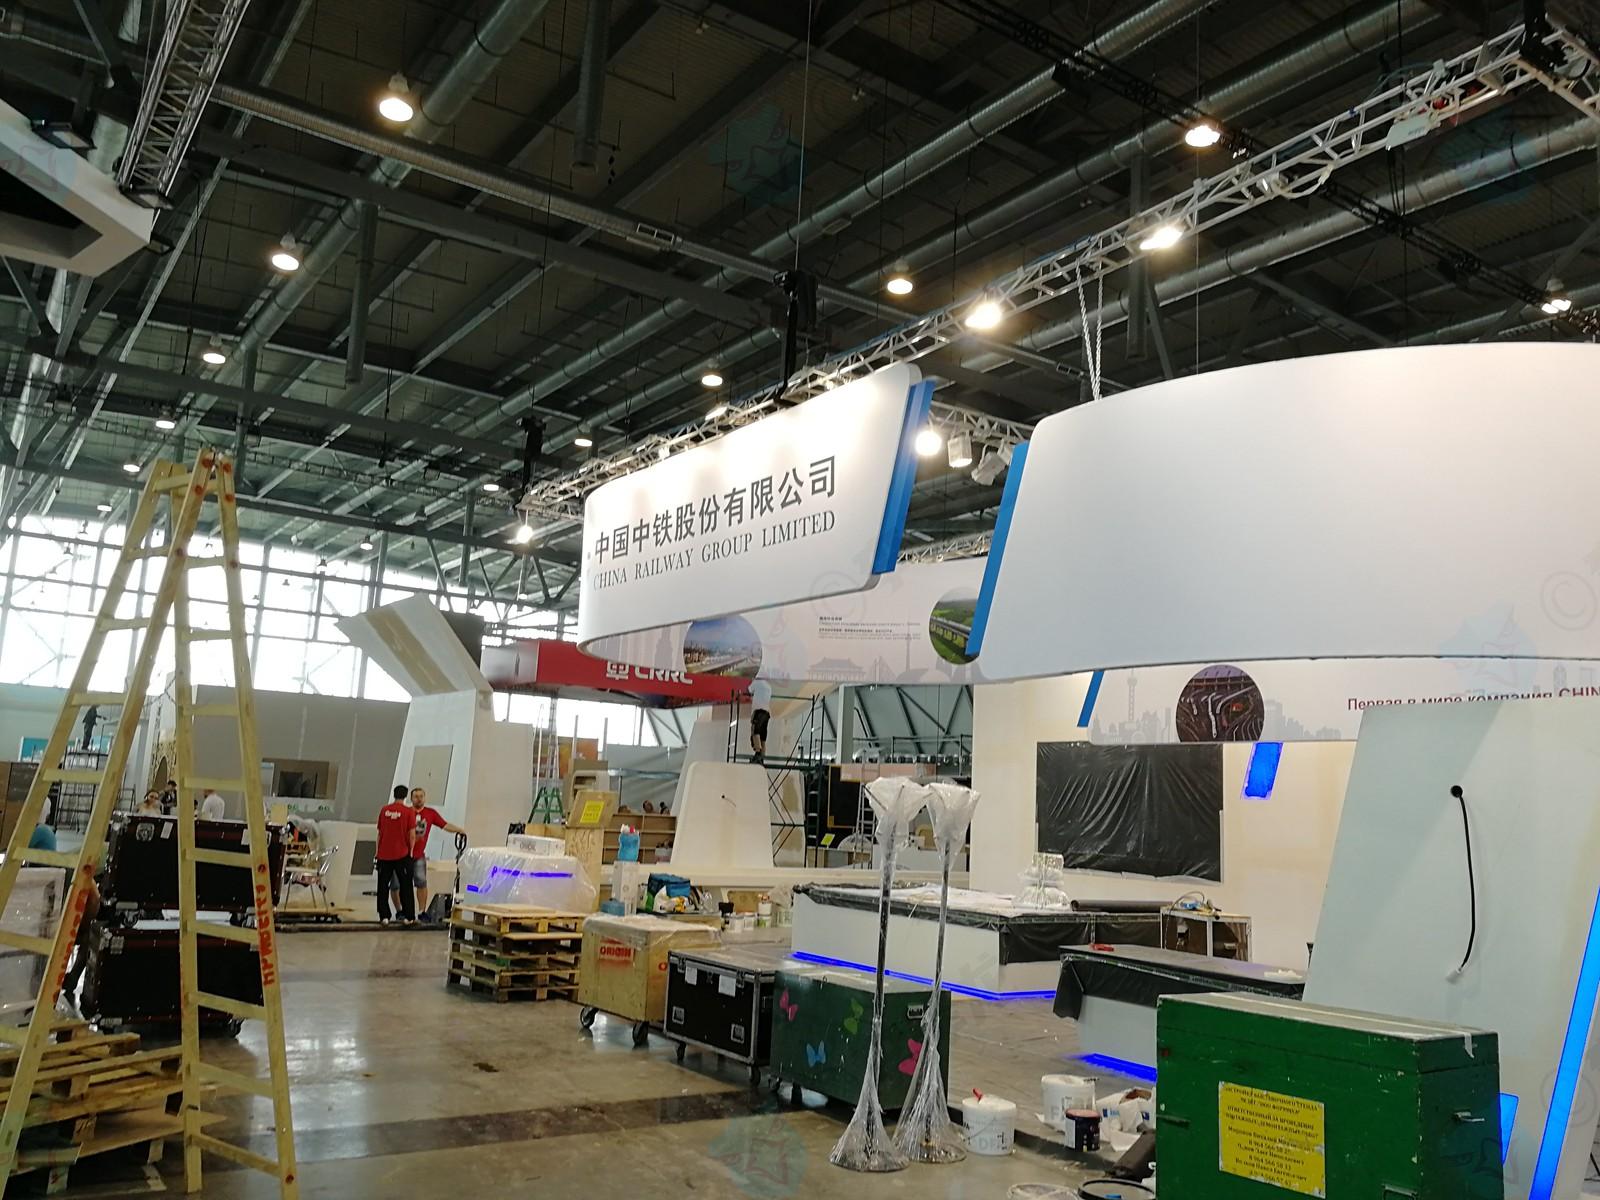 参加俄罗斯工业博览会(俄罗斯创新工业展)是什么体验?插图10-小狮座俄罗斯留学